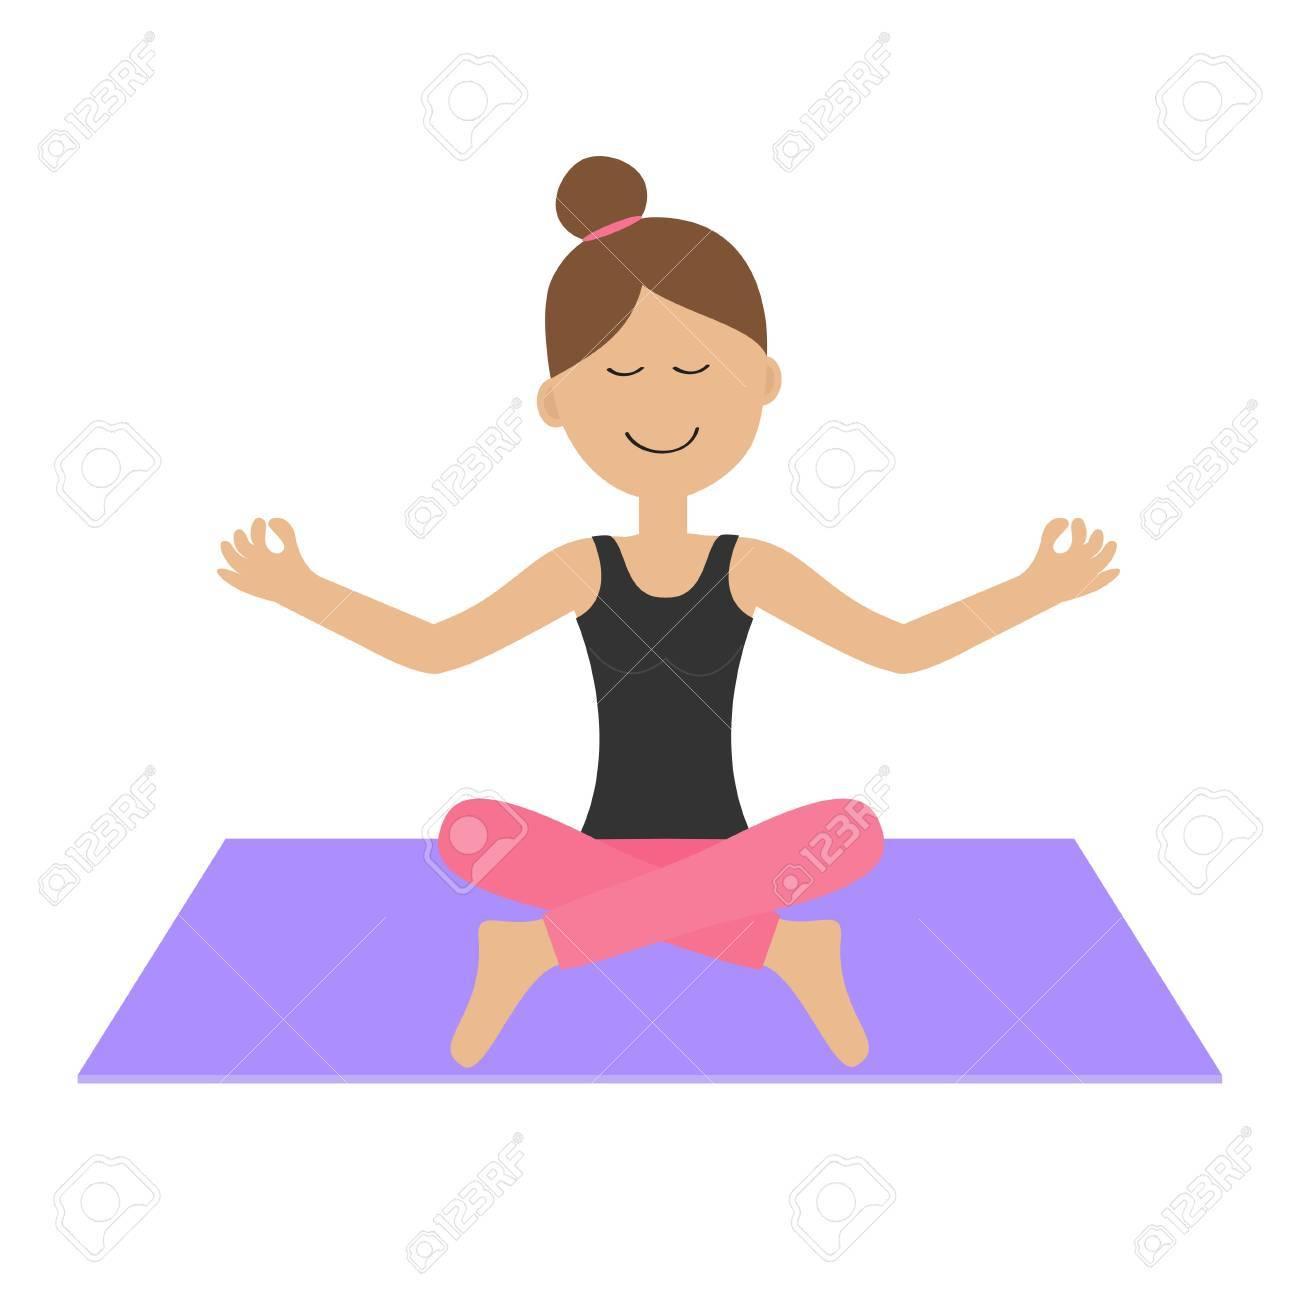 La Chica Joven Hacer Yoga. Carácter Lindo De La Mujer De Dibujos Animados  Sentado En Posición De Loto. Estilo De Vida Saludable. Ropa De Fitness. 77021dd81bc5